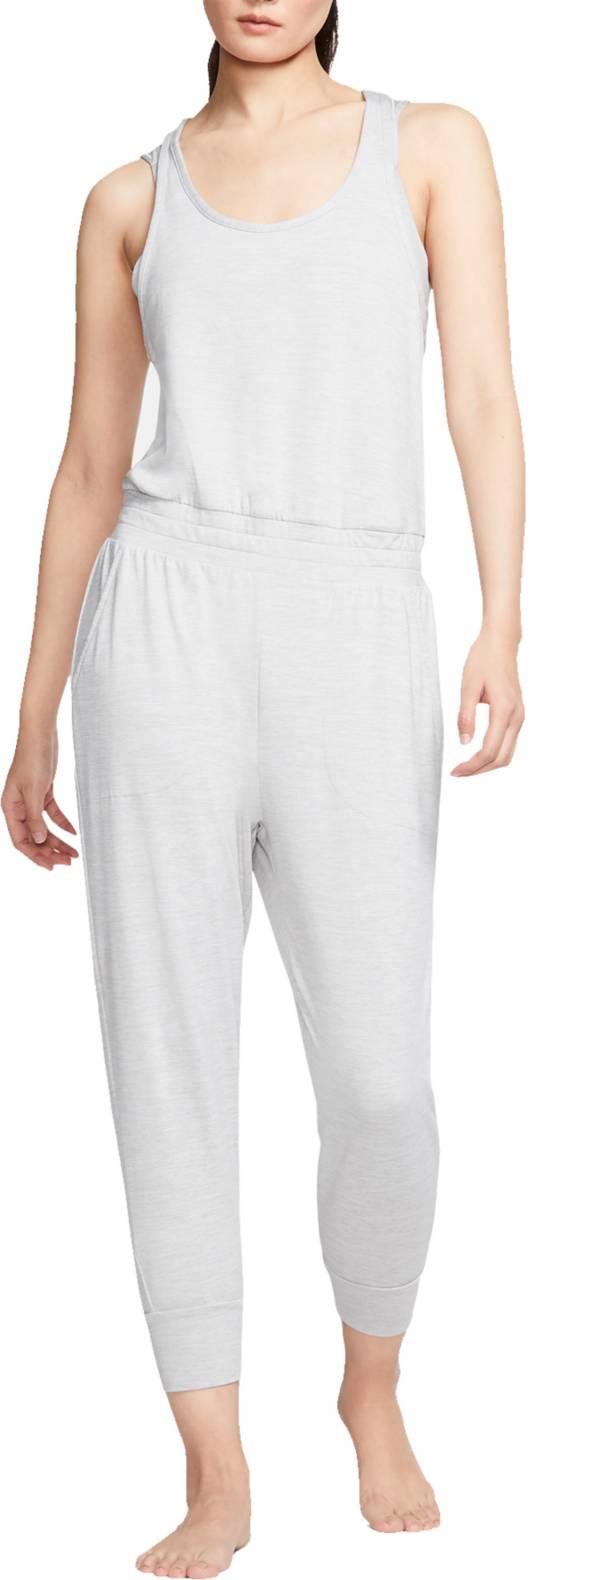 Nike Women's Yoga Jumpsuit product image